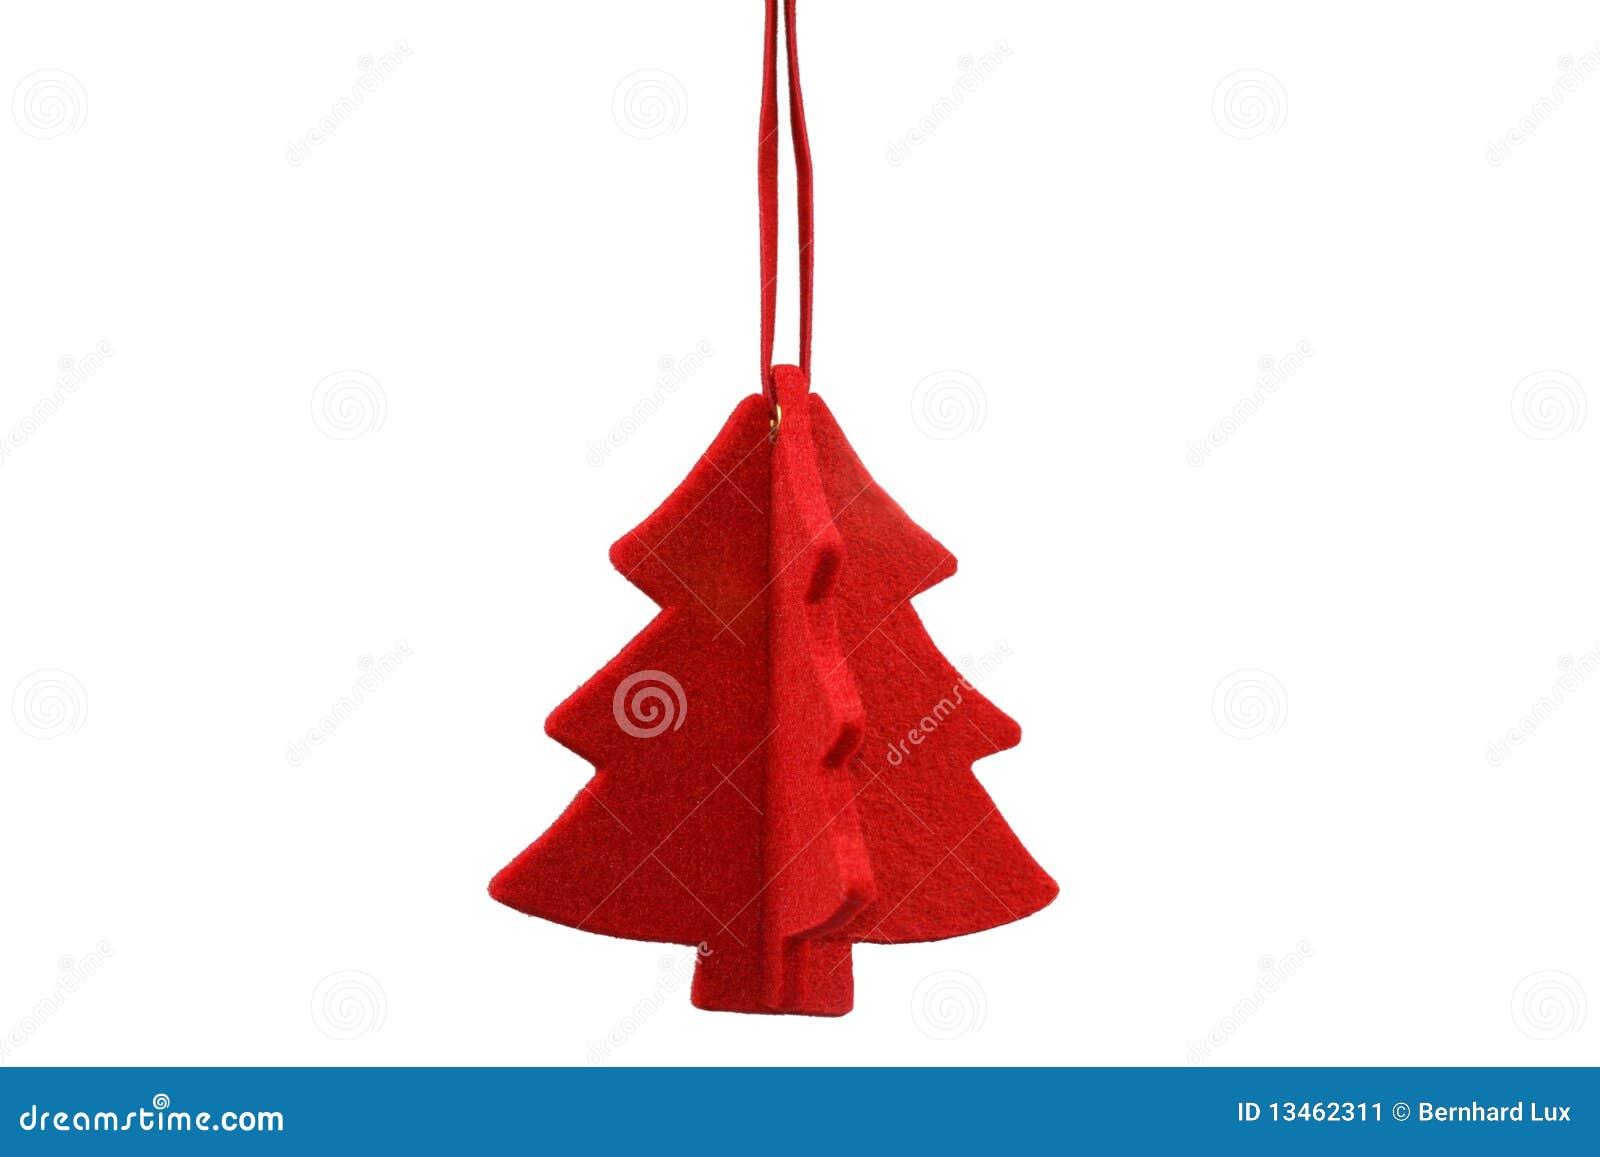 Albero di natale stilizzato rosso immagine stock for Immagini natale stilizzate